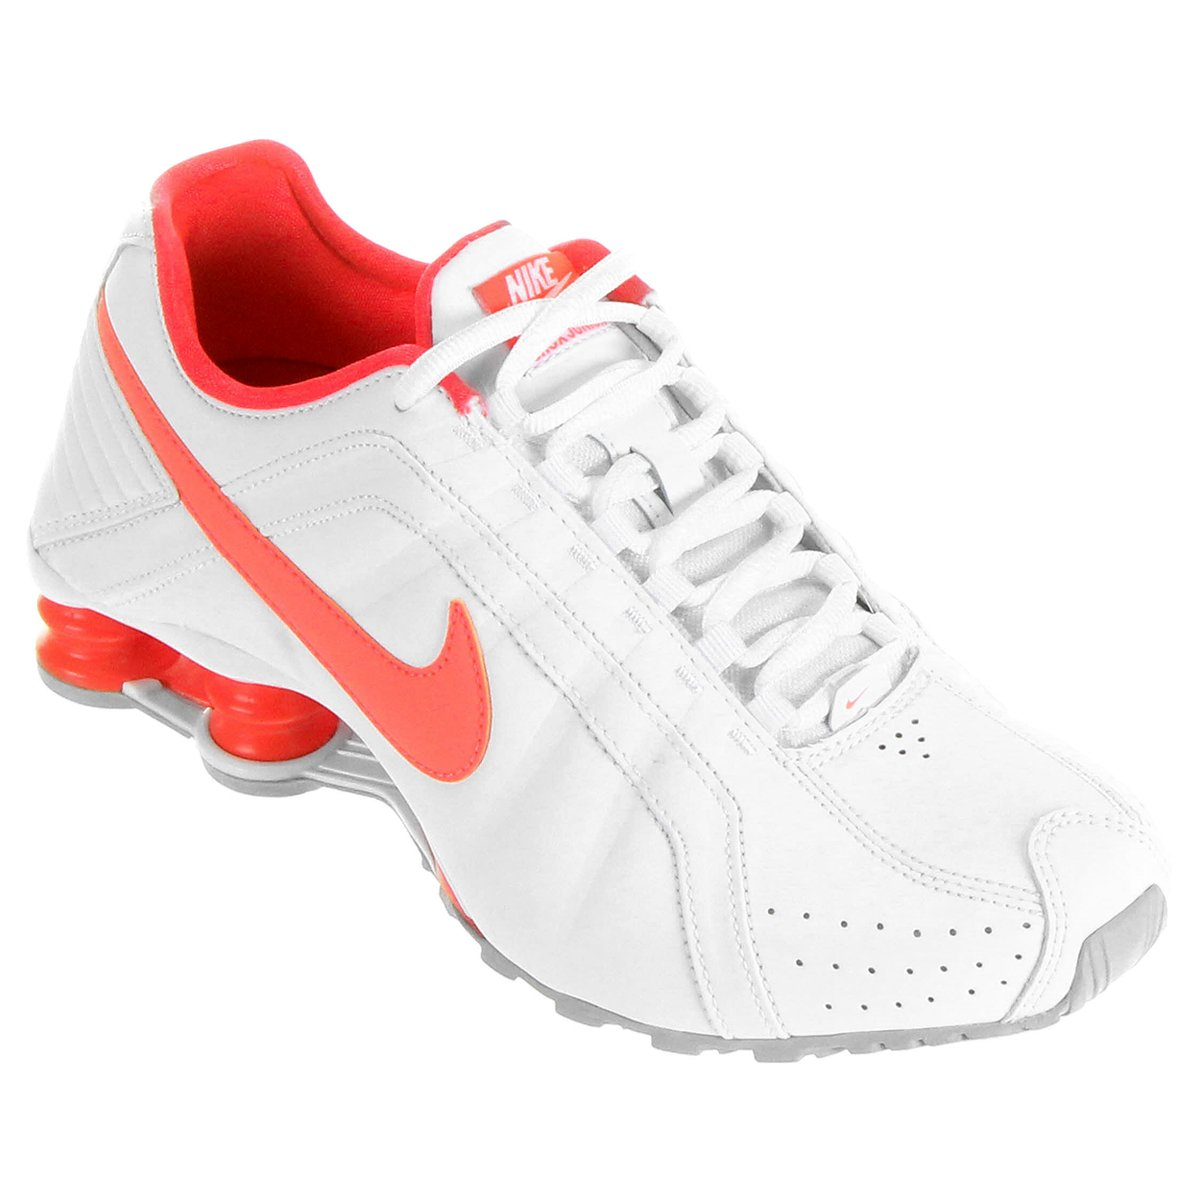 ... Tênis Nike Shox Junior - Branco e Salmão ... 3b980e49b